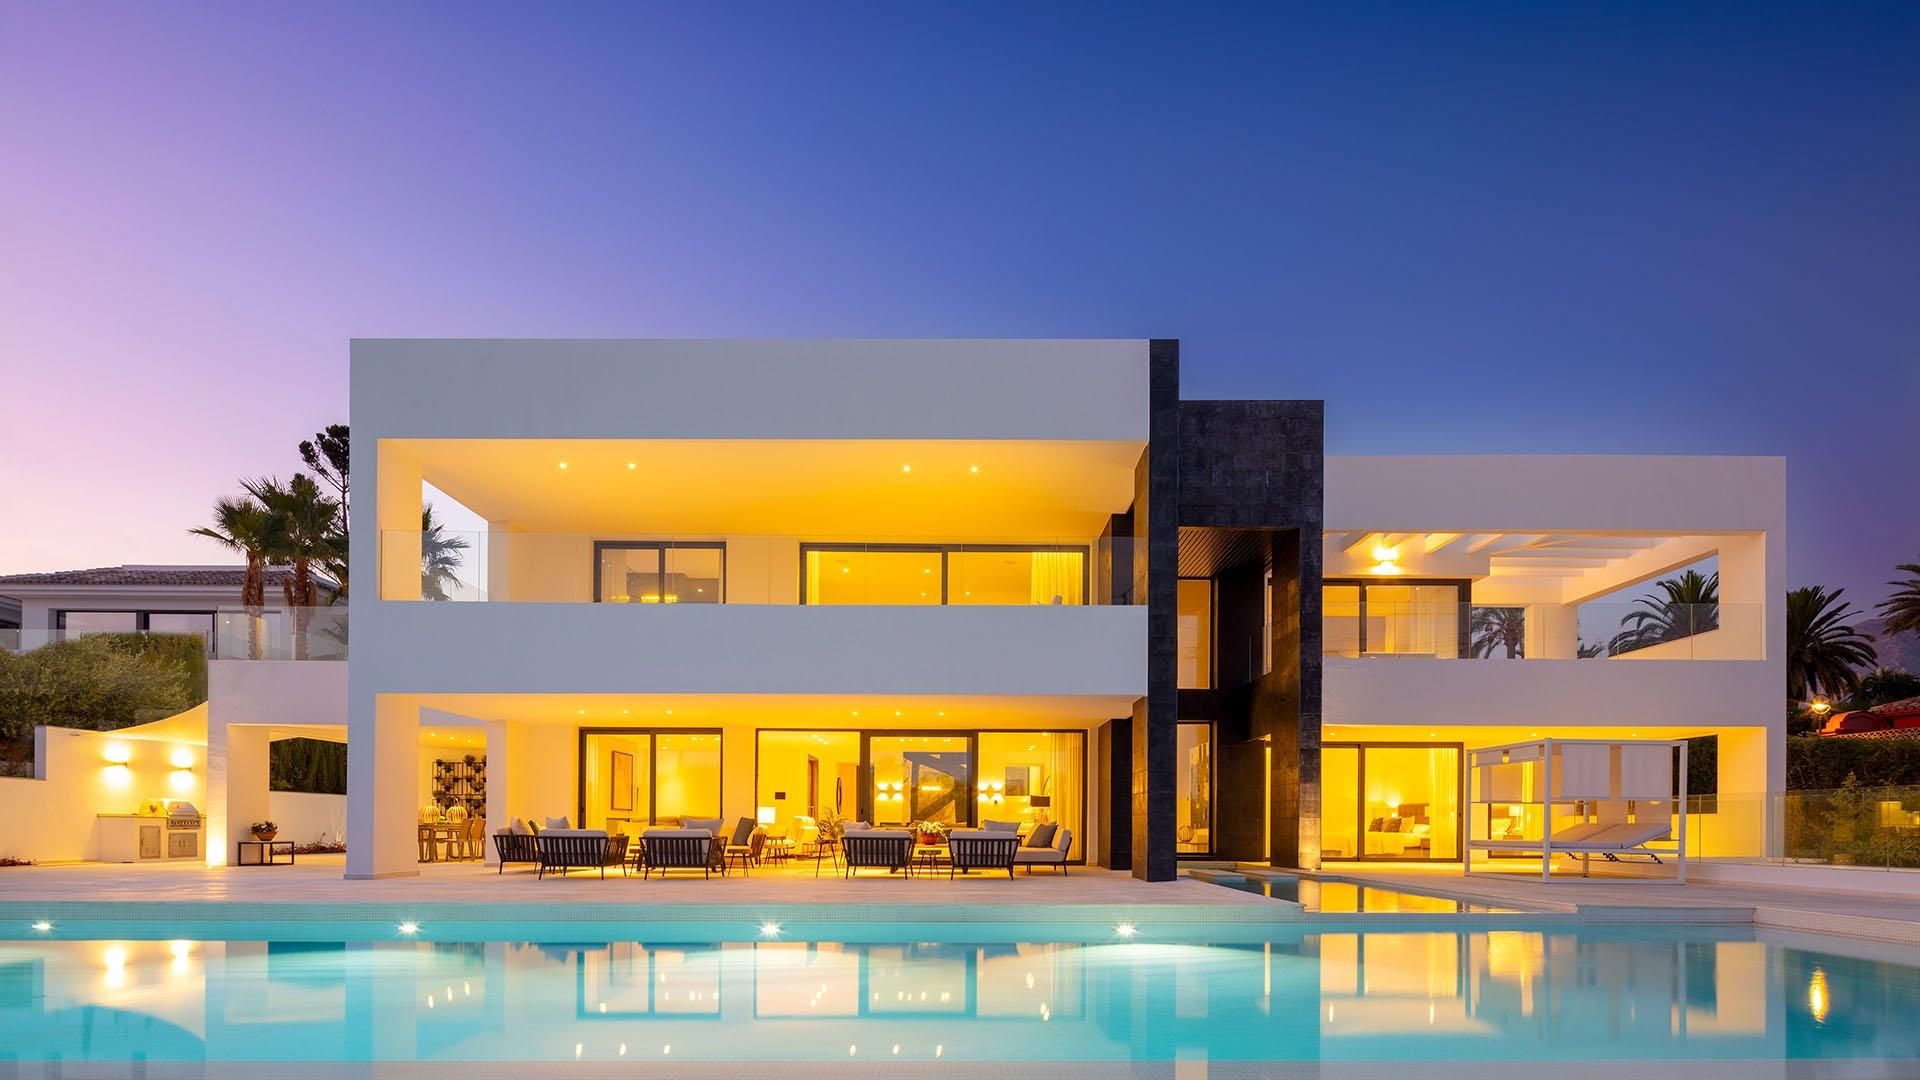 La Cerquilla 40: Stunning new build villa in the heart of La Cerquilla, Marbella